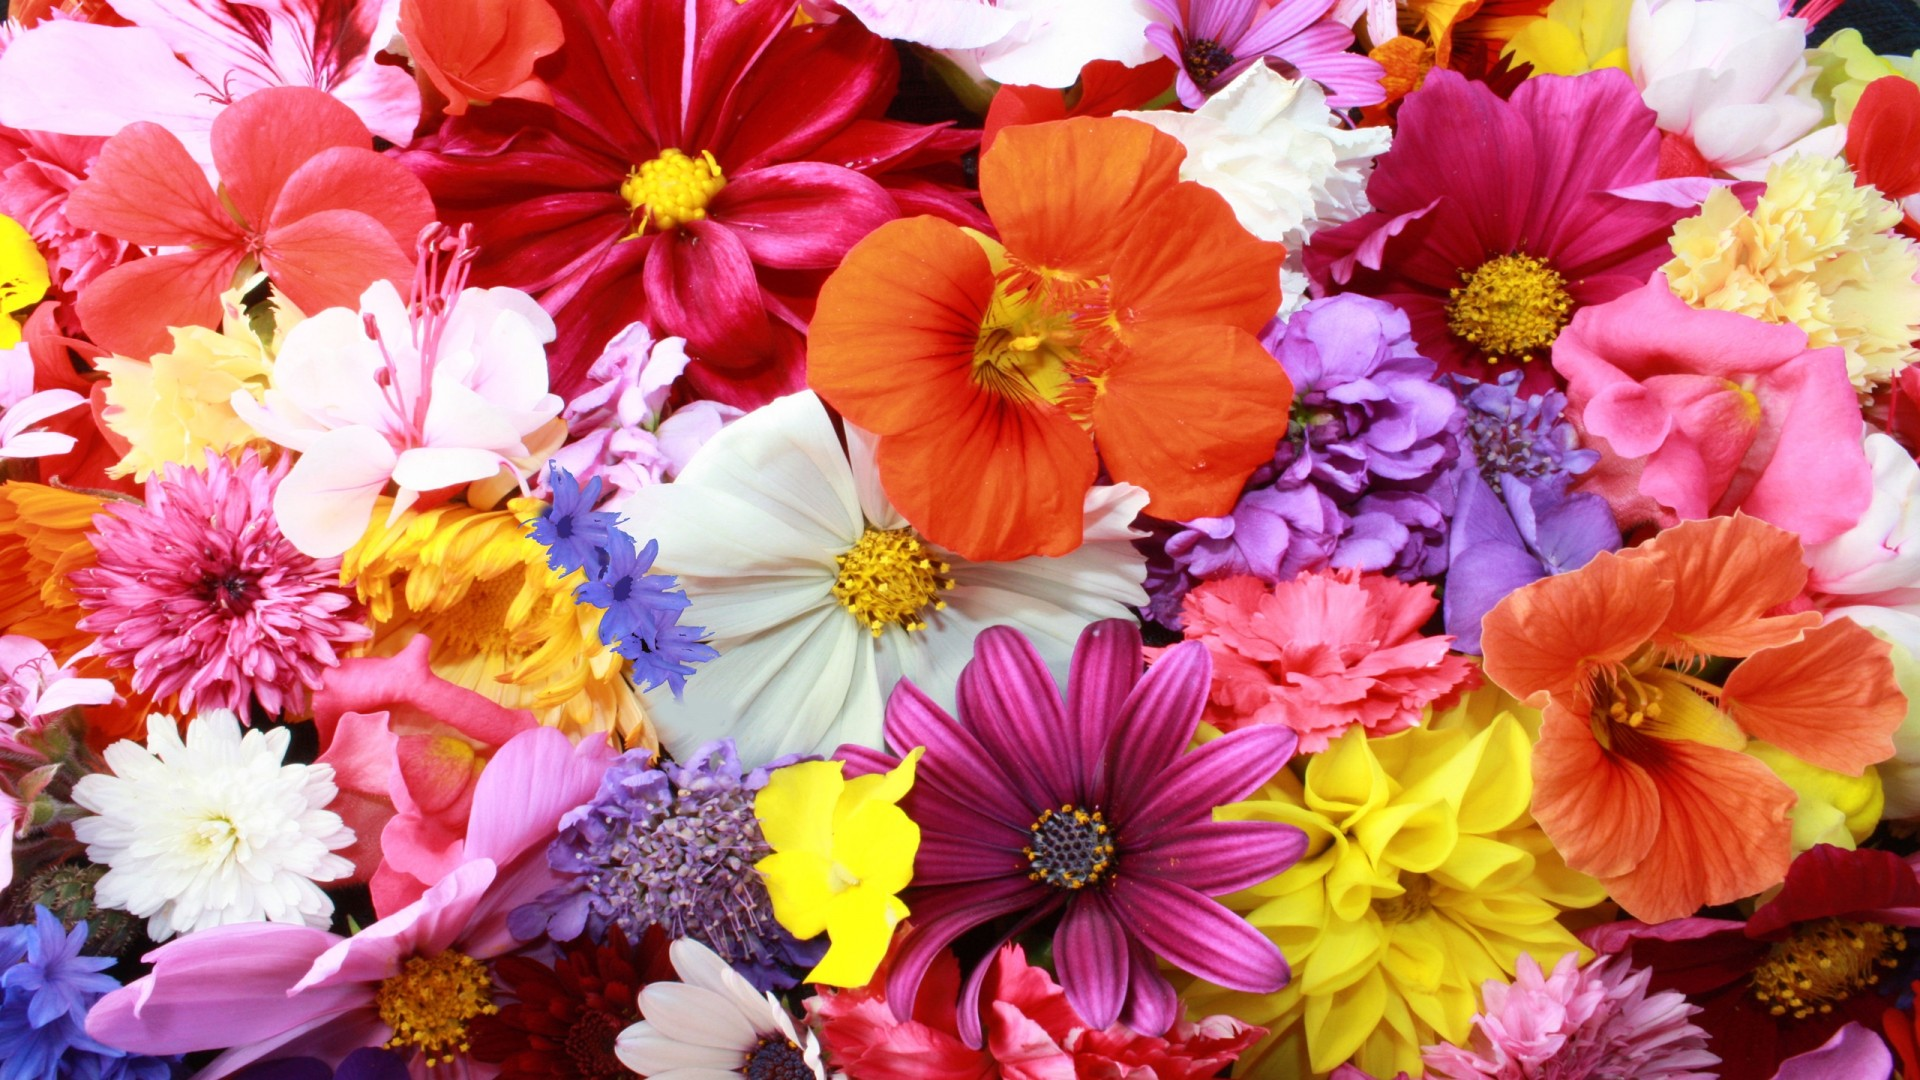 Desktop Backgrounds Floral Dark